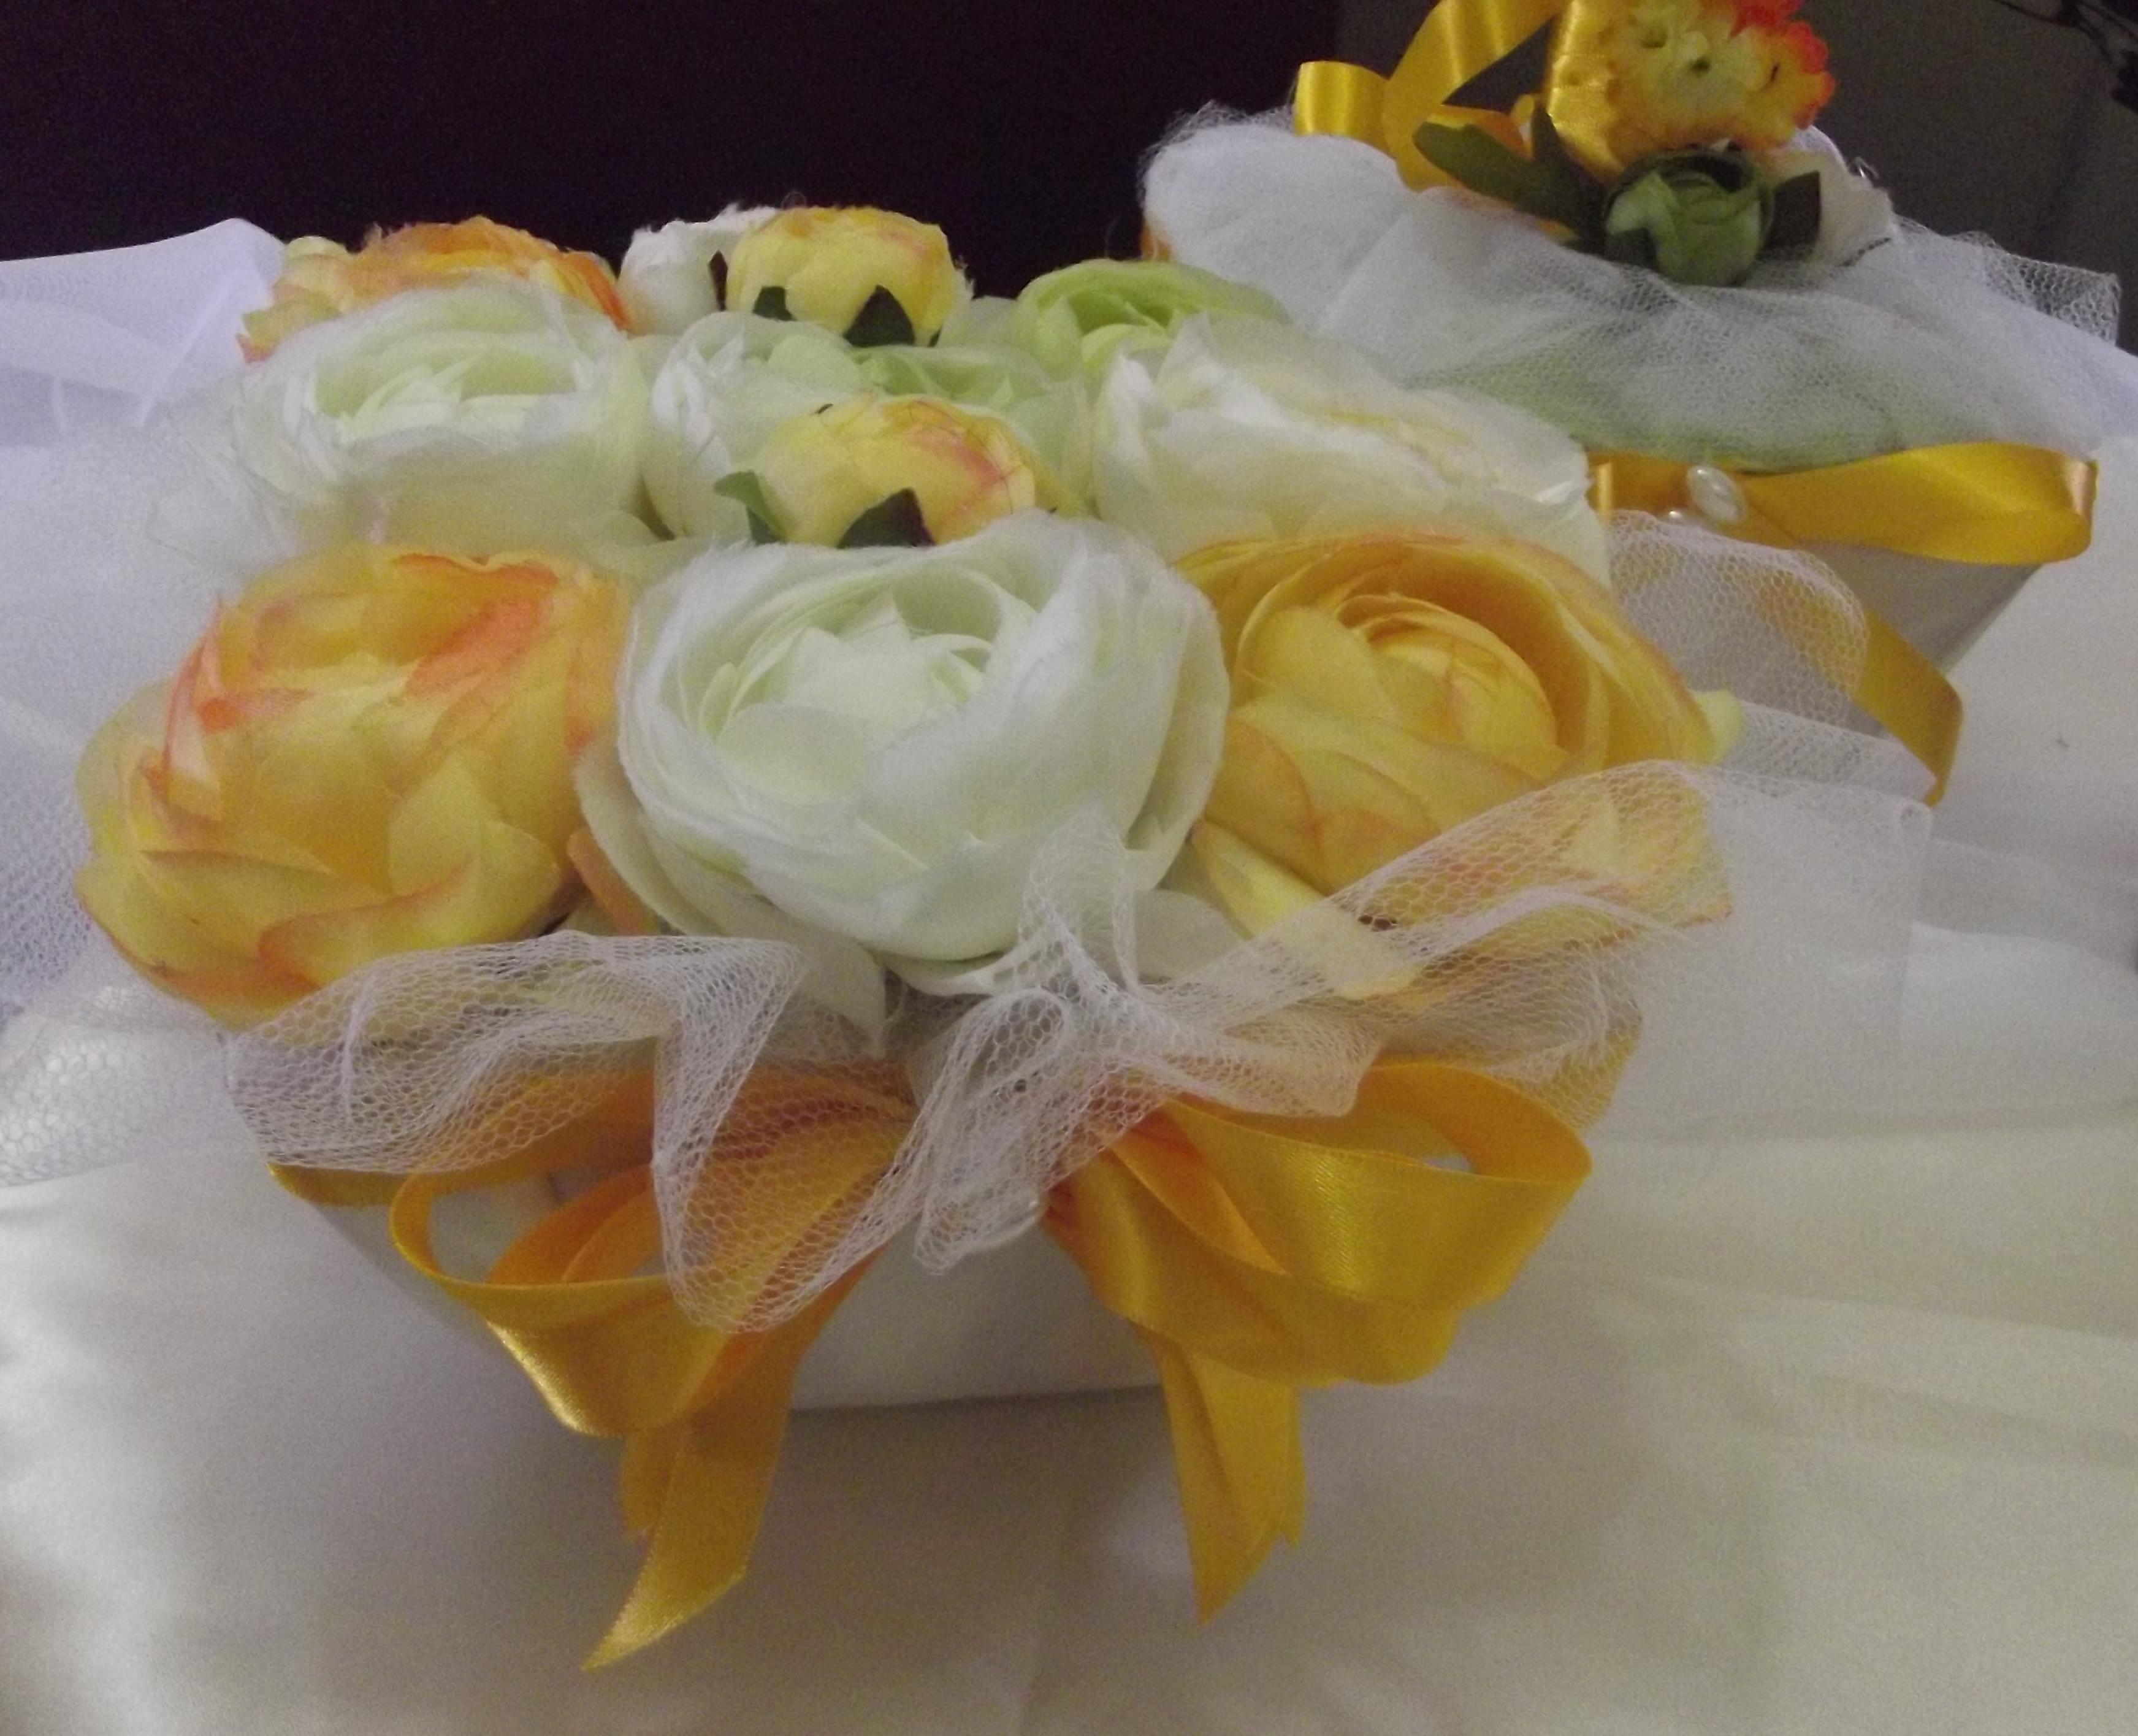 kit decoracao casamento:casamento Kit decoração casamento Kit decoração casamento Kit